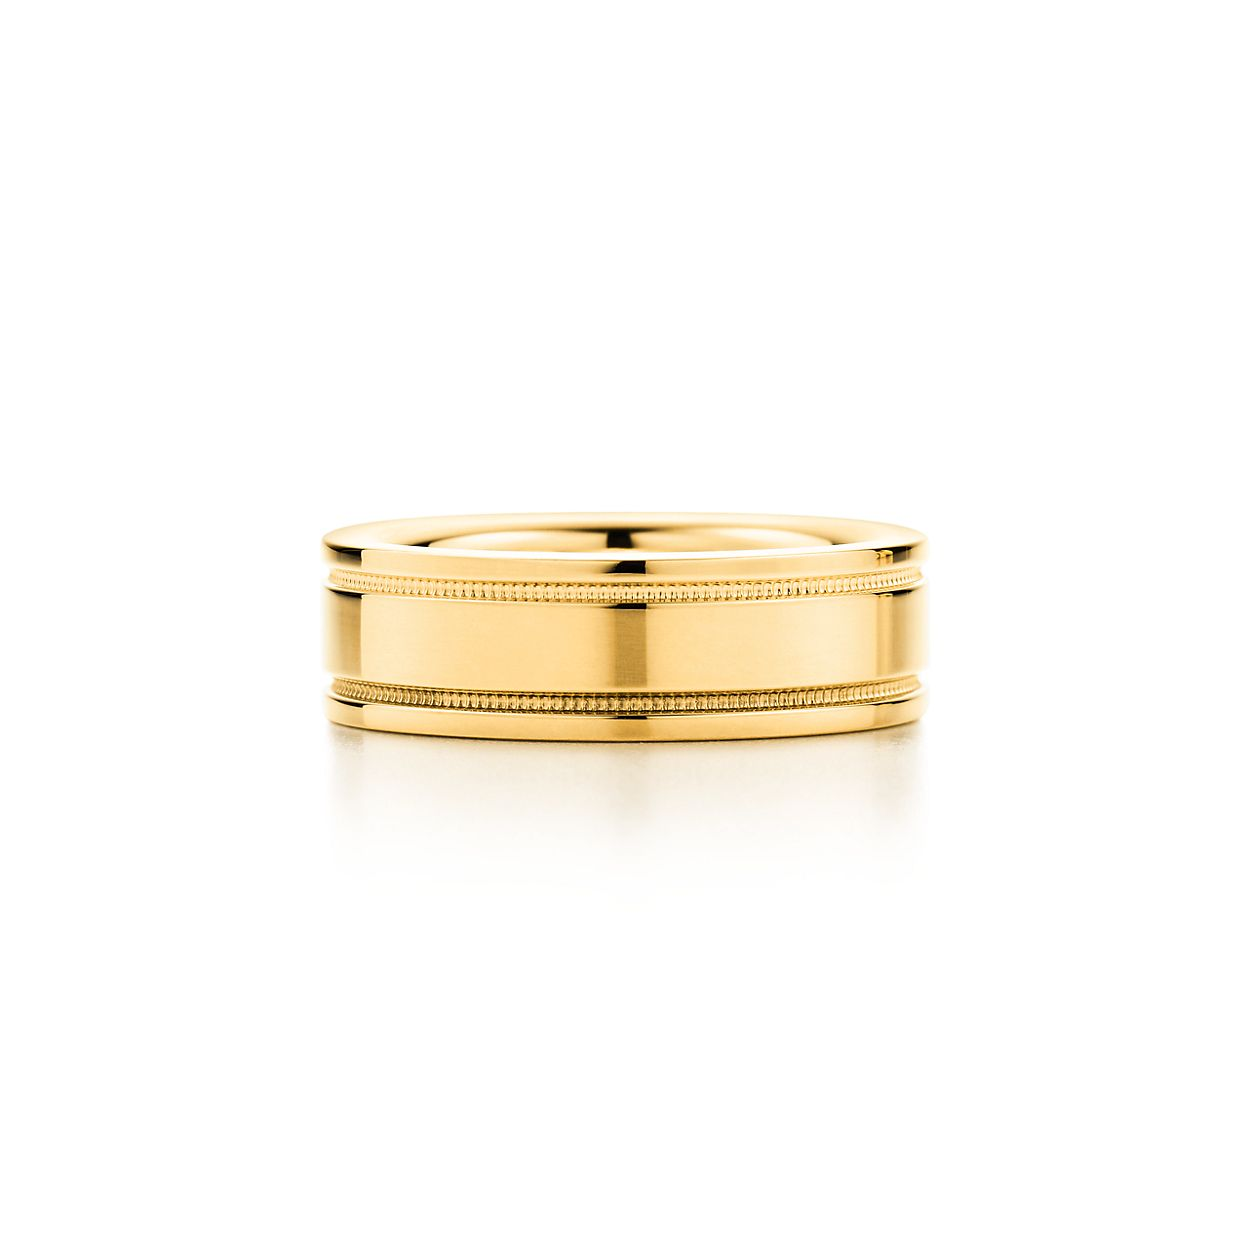 tiffany flat doublemilgrain weddingband ring - Tiffany Wedding Ring